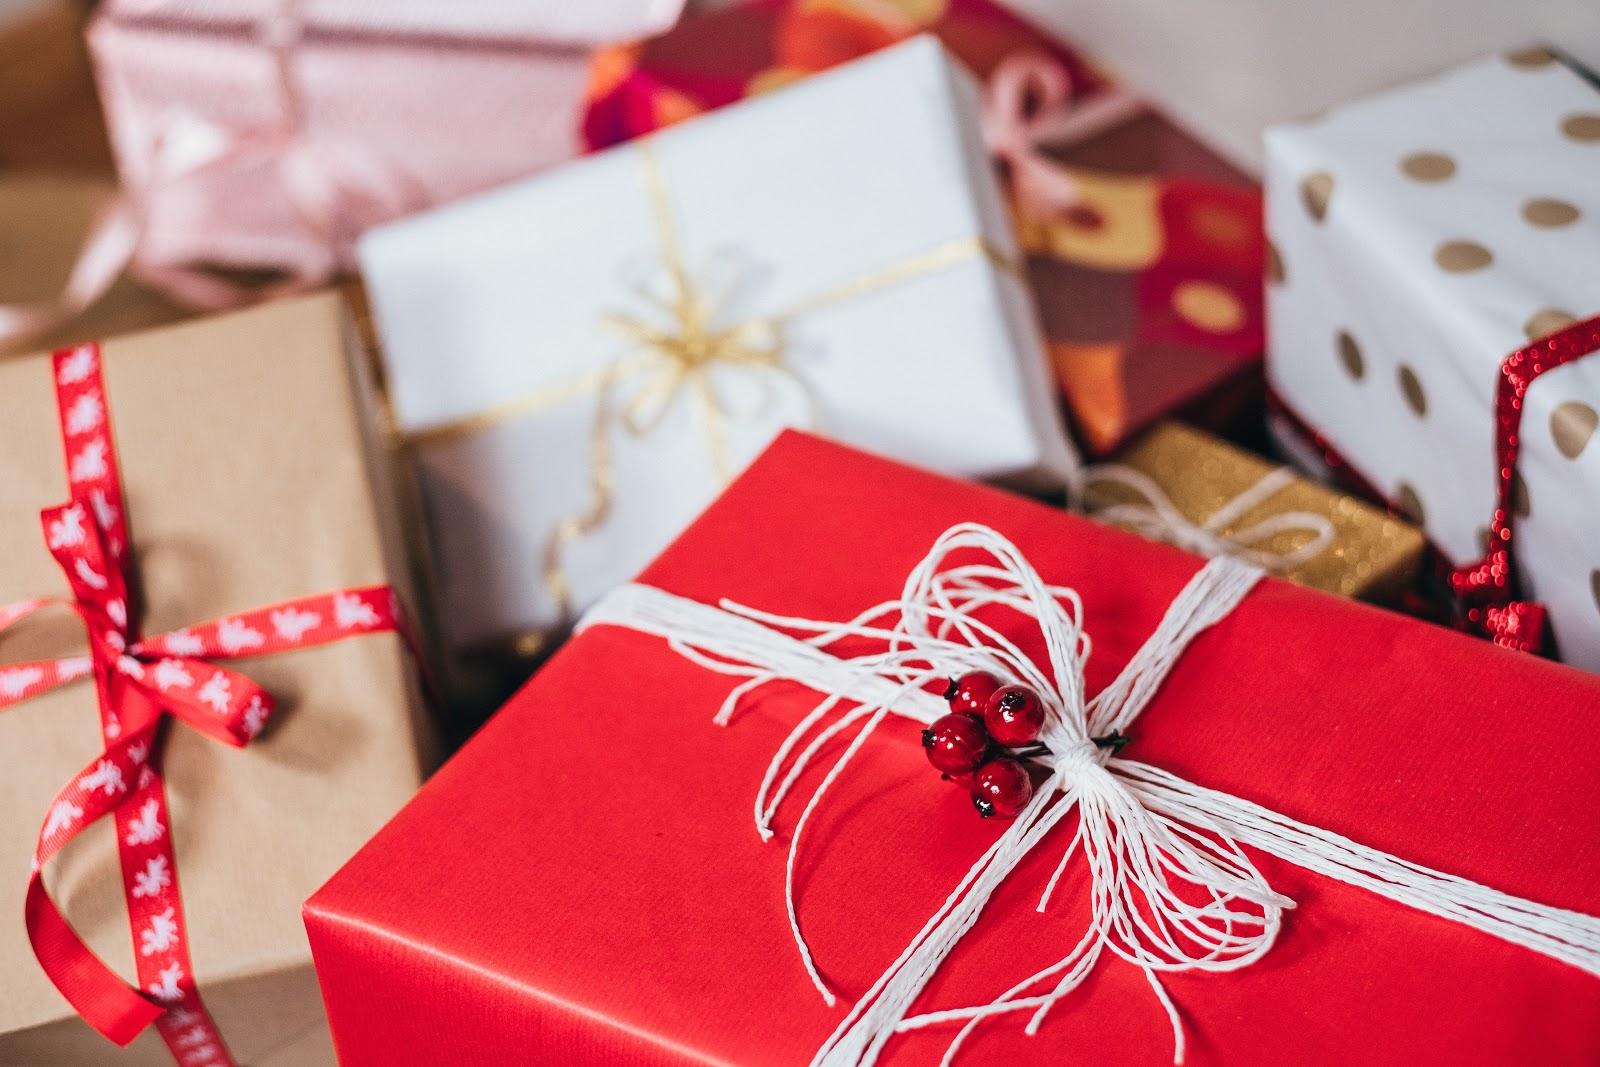 Seasonal packaging designs